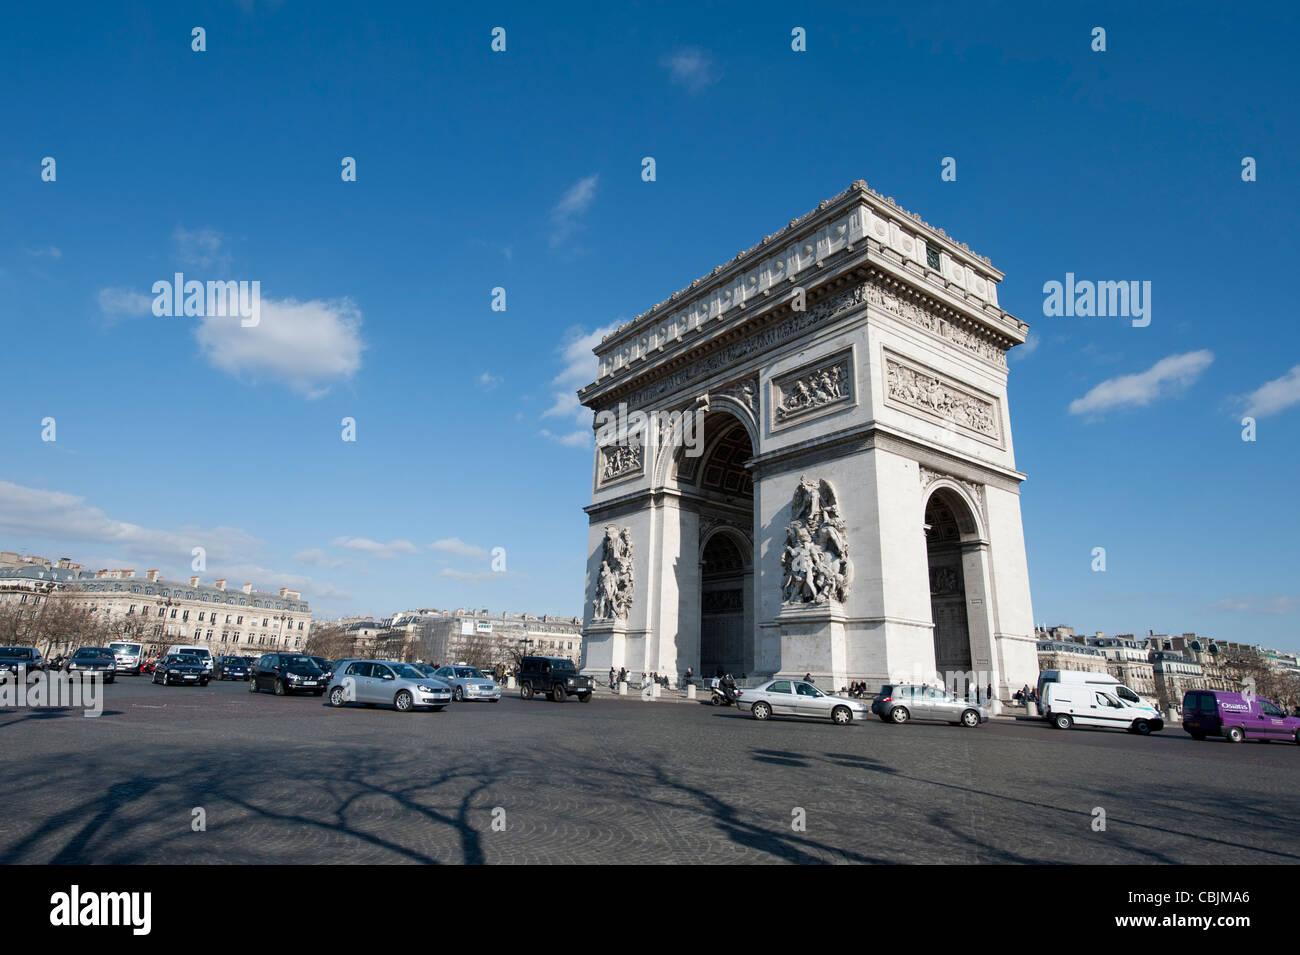 L'Arc de Triomphe de l'englobant rond-point pendant le jour et comprennent de jour. Photo Stock